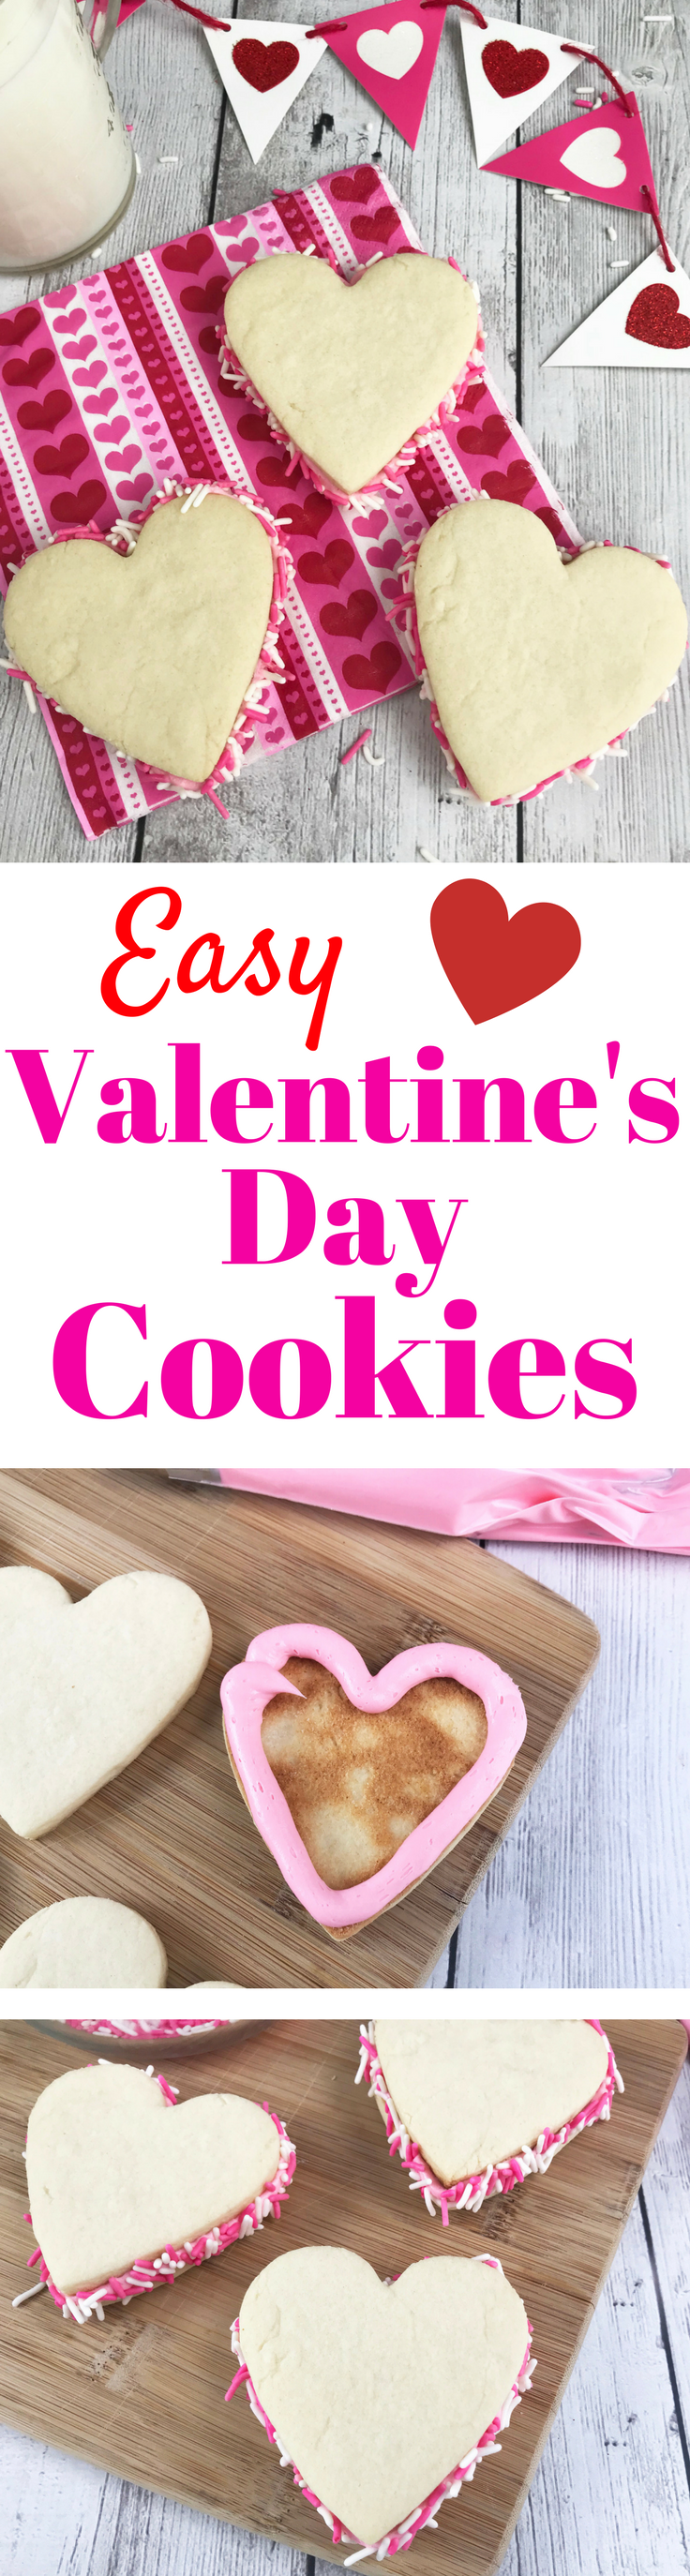 Valentine's Day Sandwich Cookies, Valentine's Day Cookies, Easy Treats for Valentine's Day, Heart Shaped Cookies